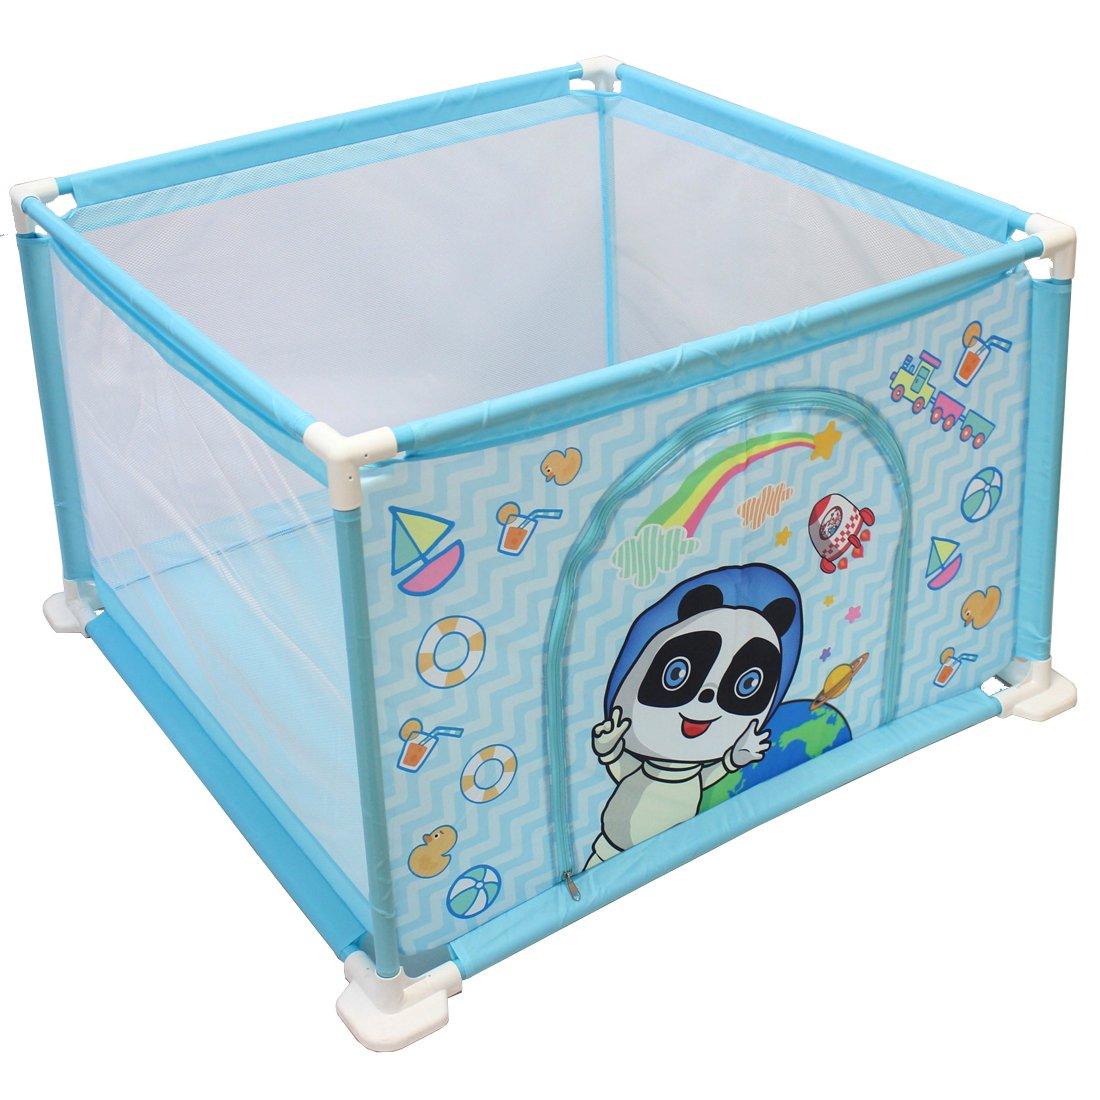 BLAU Quadrat deAO Sicherheitslaufstall mit intergriertem B/ällebad f/ür Babys und Kleinkinder